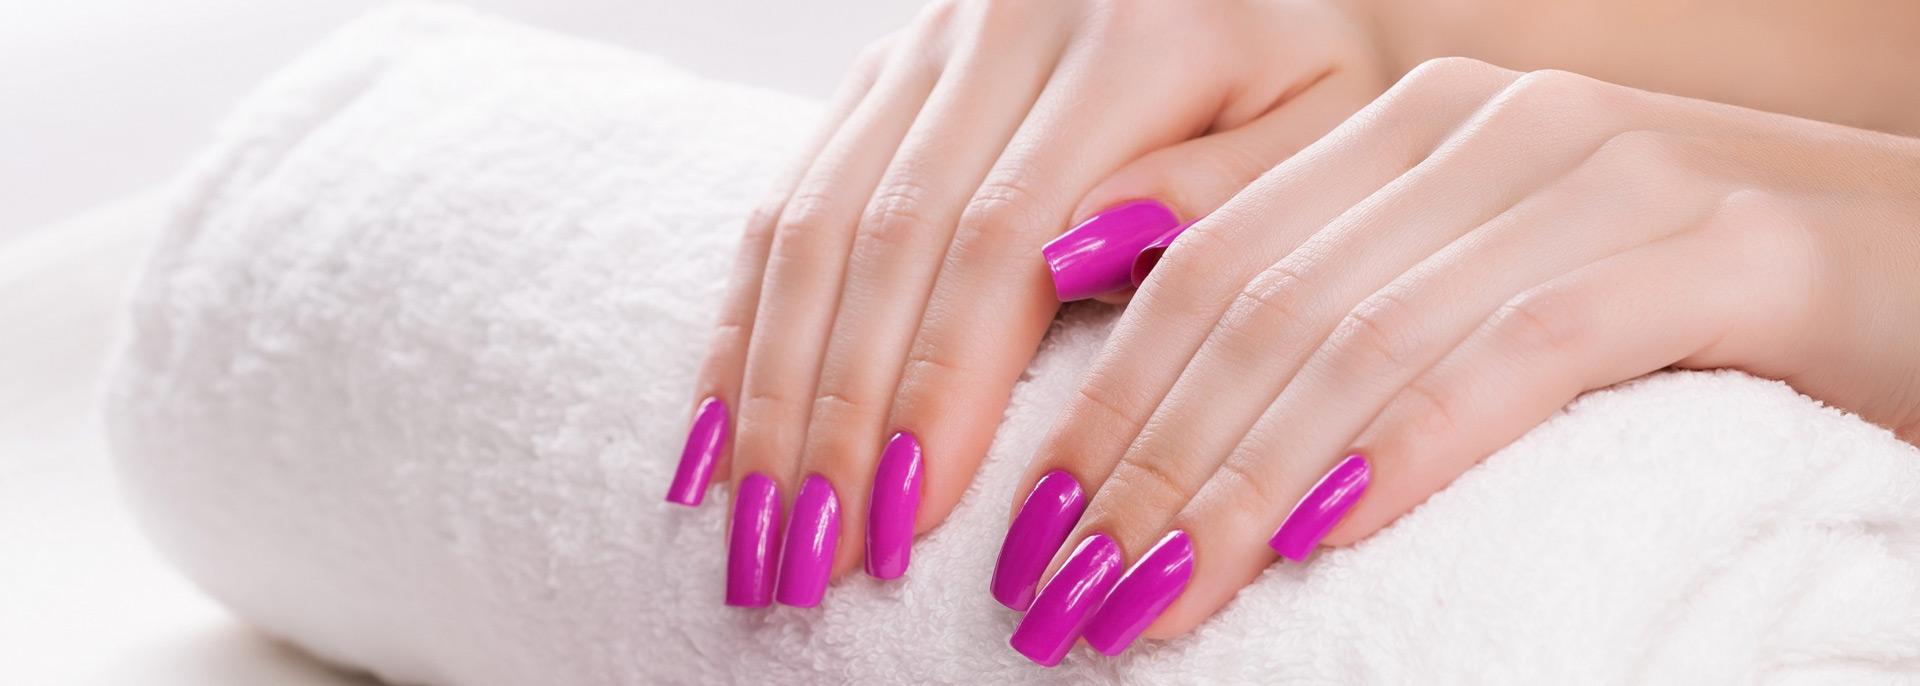 Nail Care |